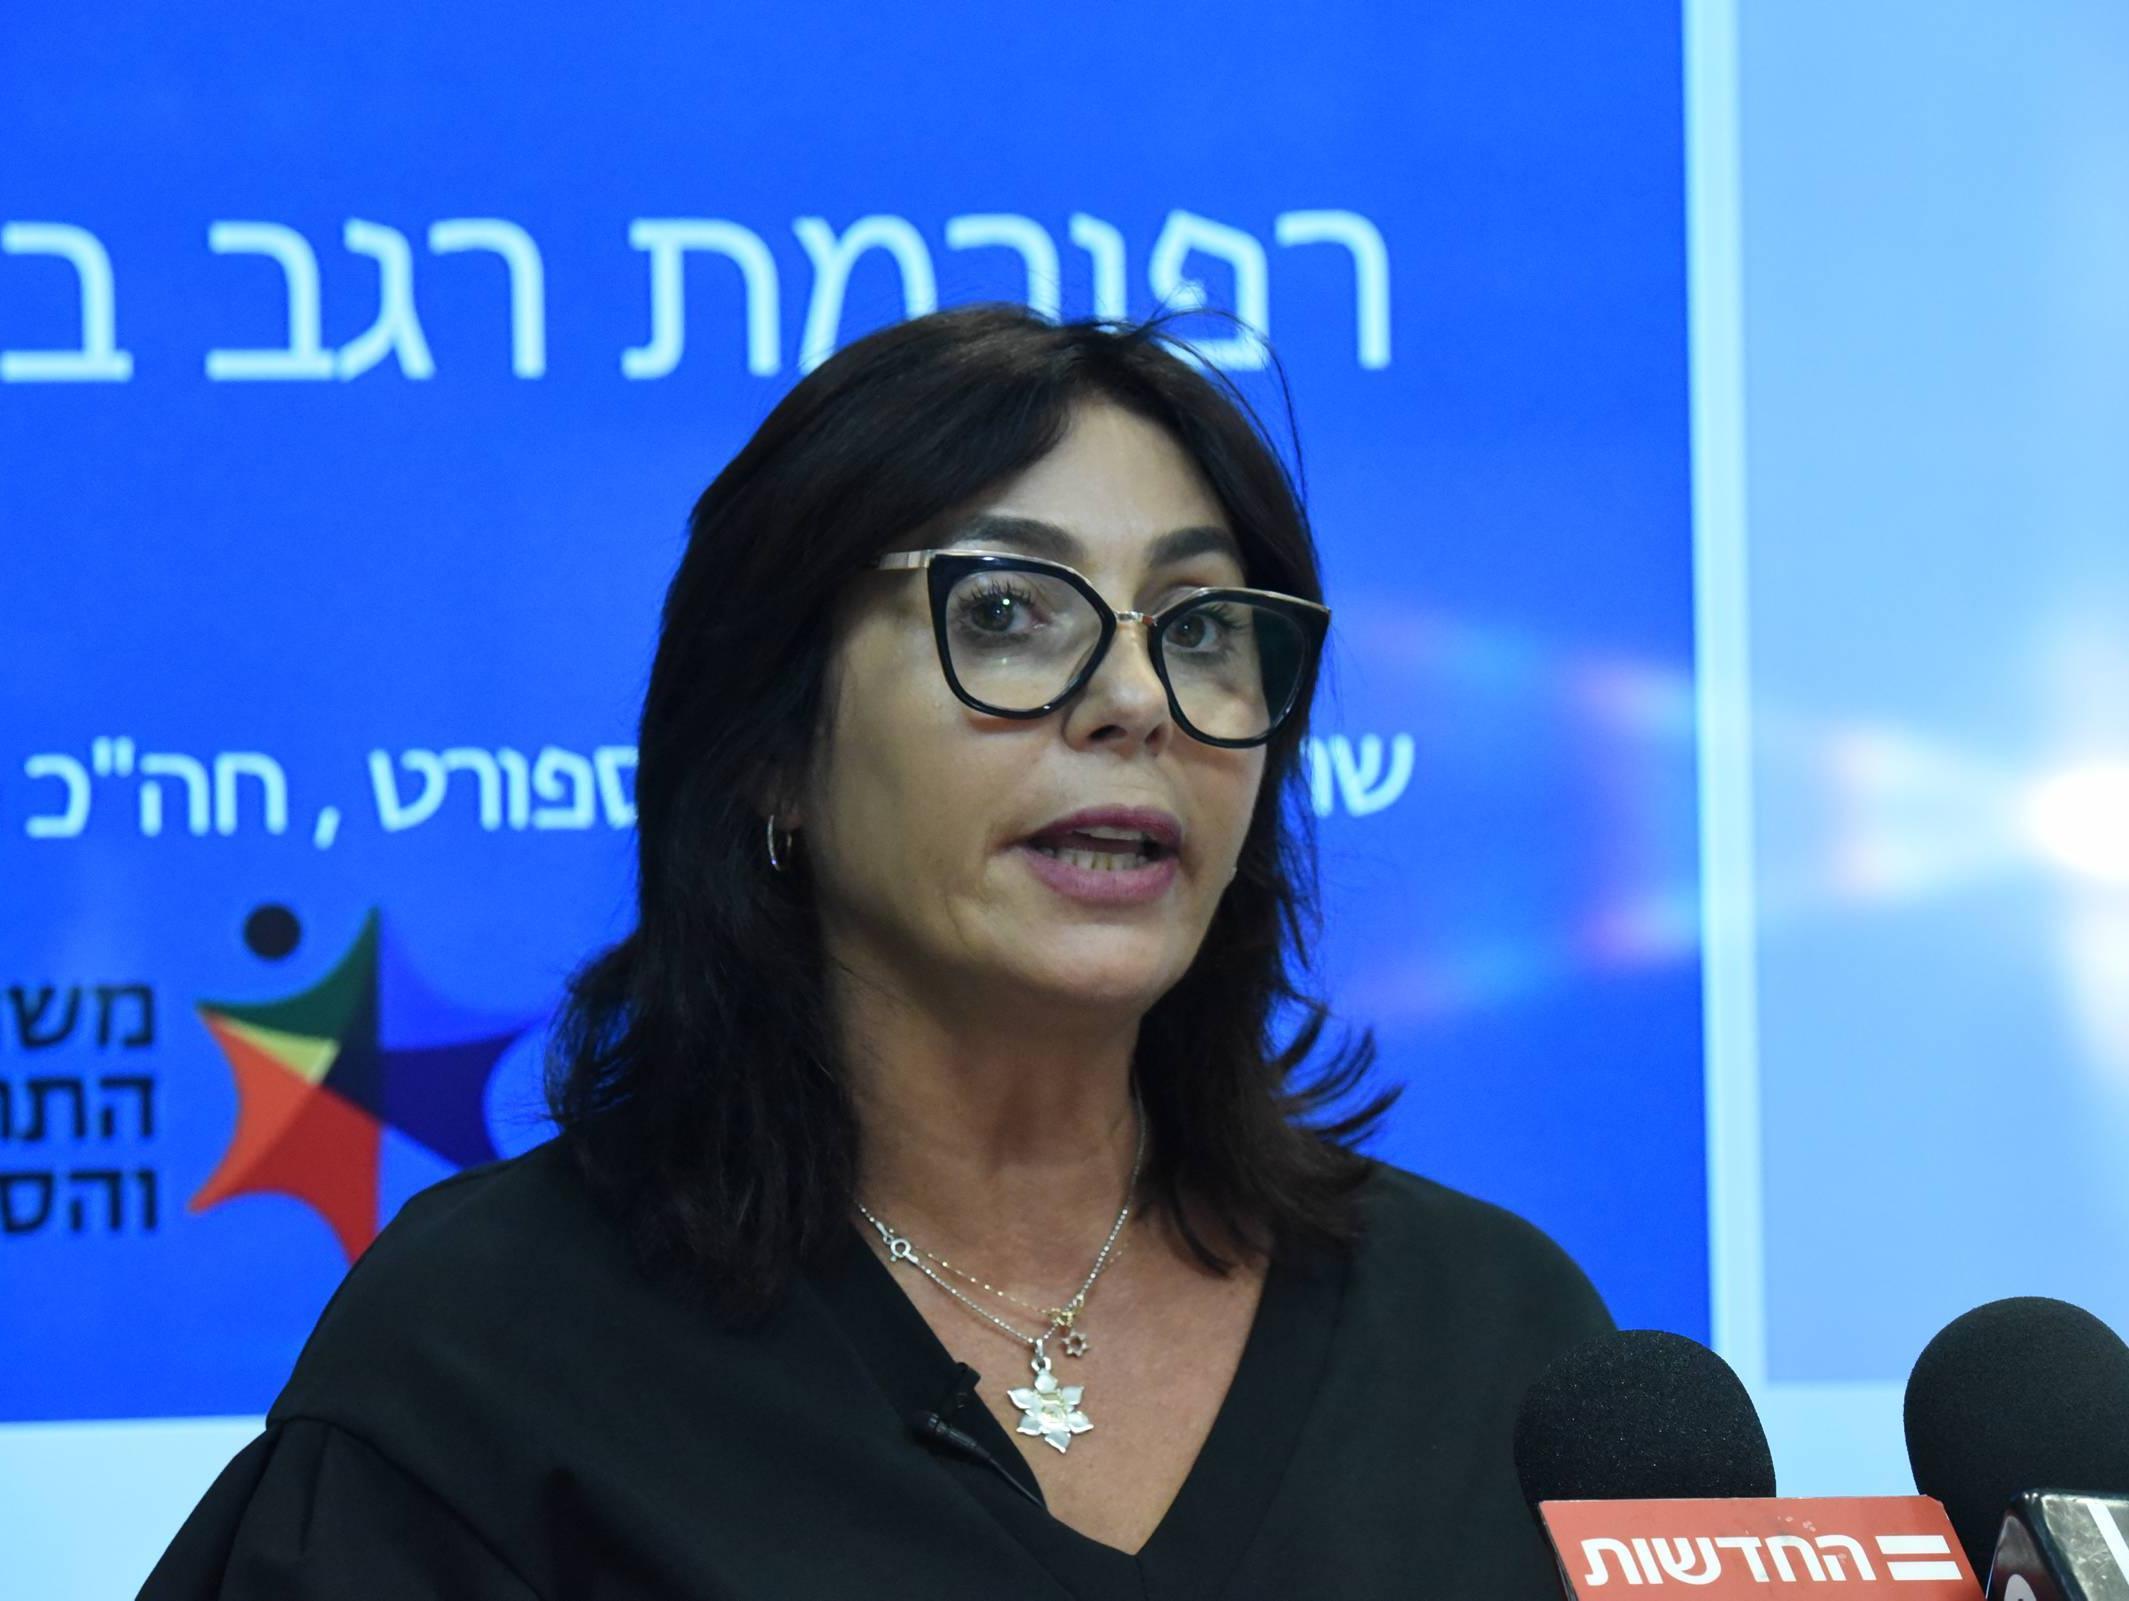 בכירי אנשי הקולנוע באירופה בפנייה לממשלת ישראל: